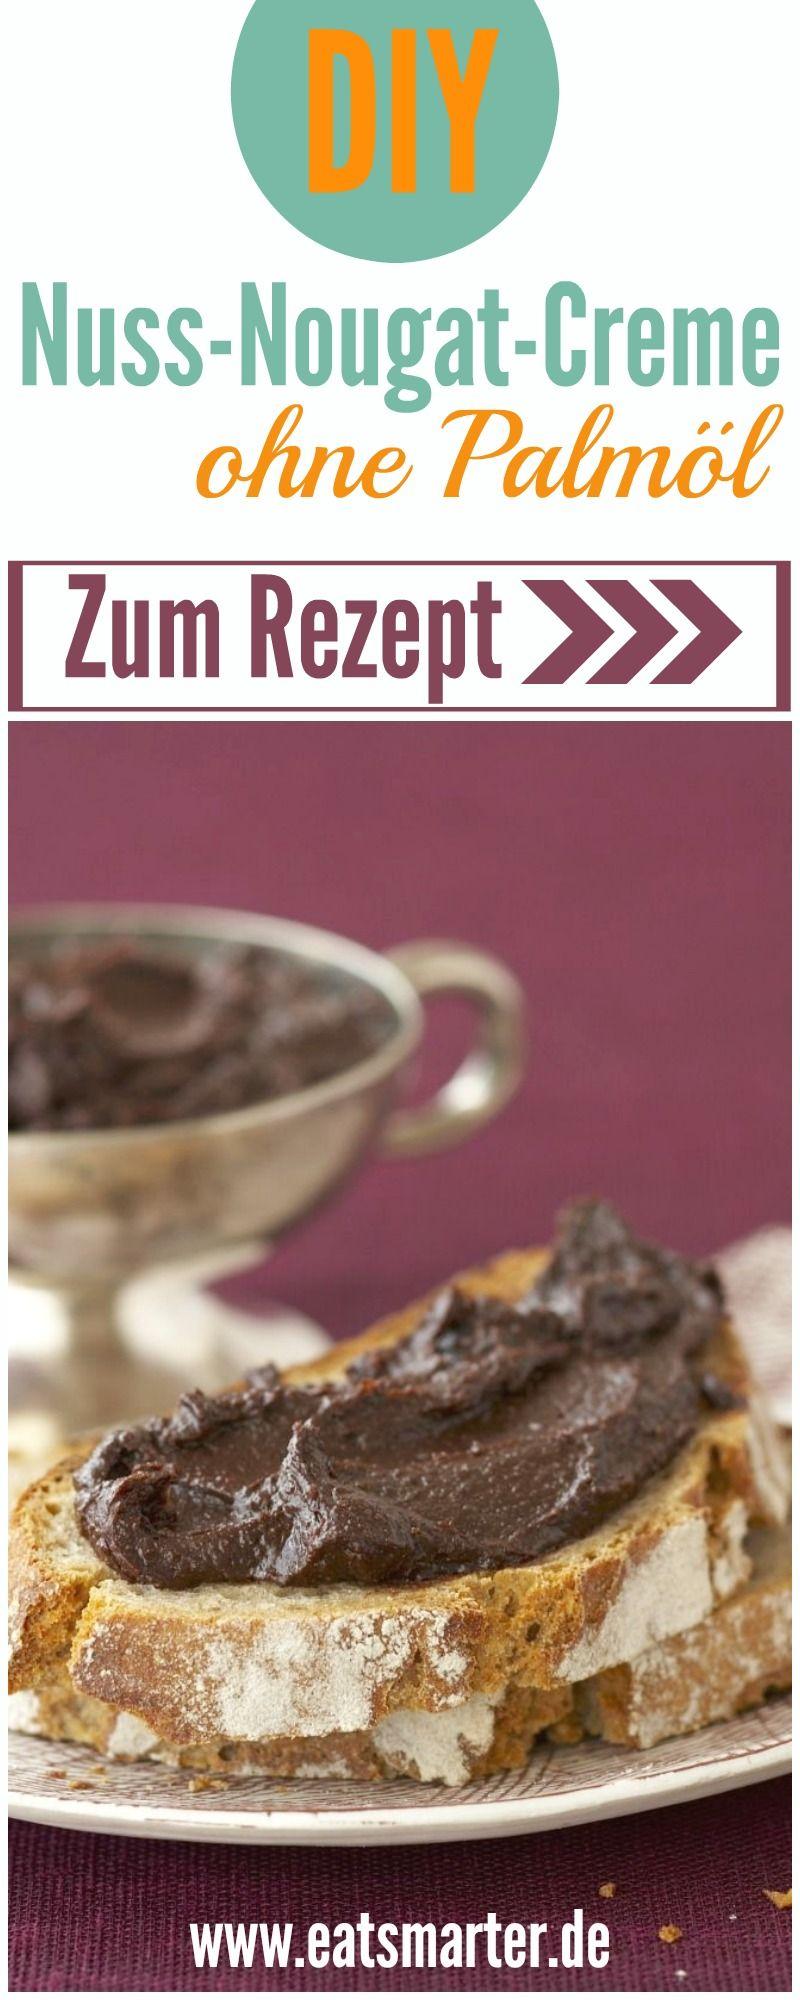 Brot Mit Nuss Nougat Aufstrich Rezept Lebensmittel Essen Rezepte Und Leckere Gesunde Rezepte